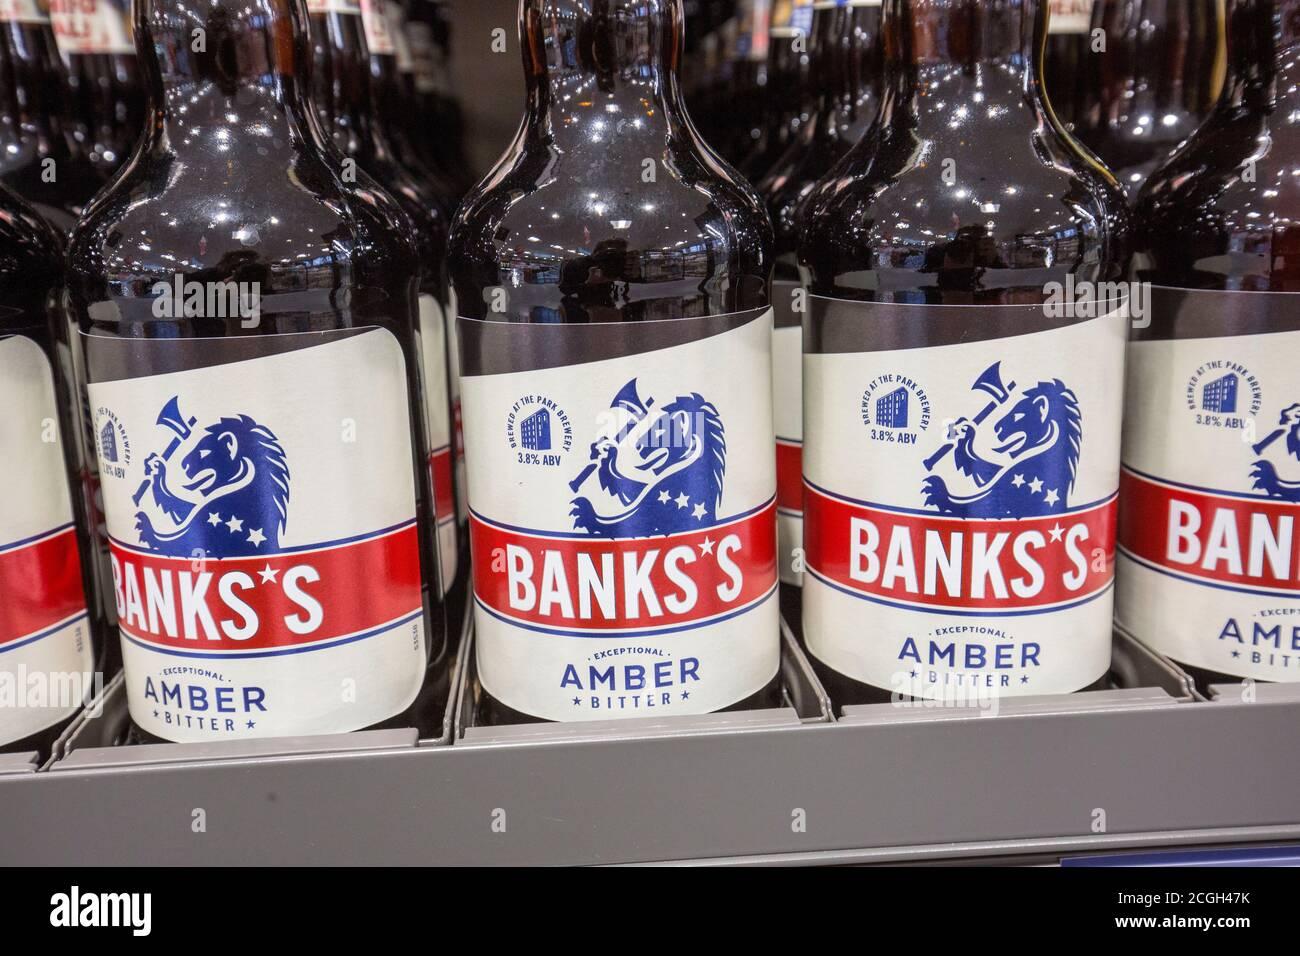 Botellas de cerveza de Bank en un supermercado Aldi Foto de stock